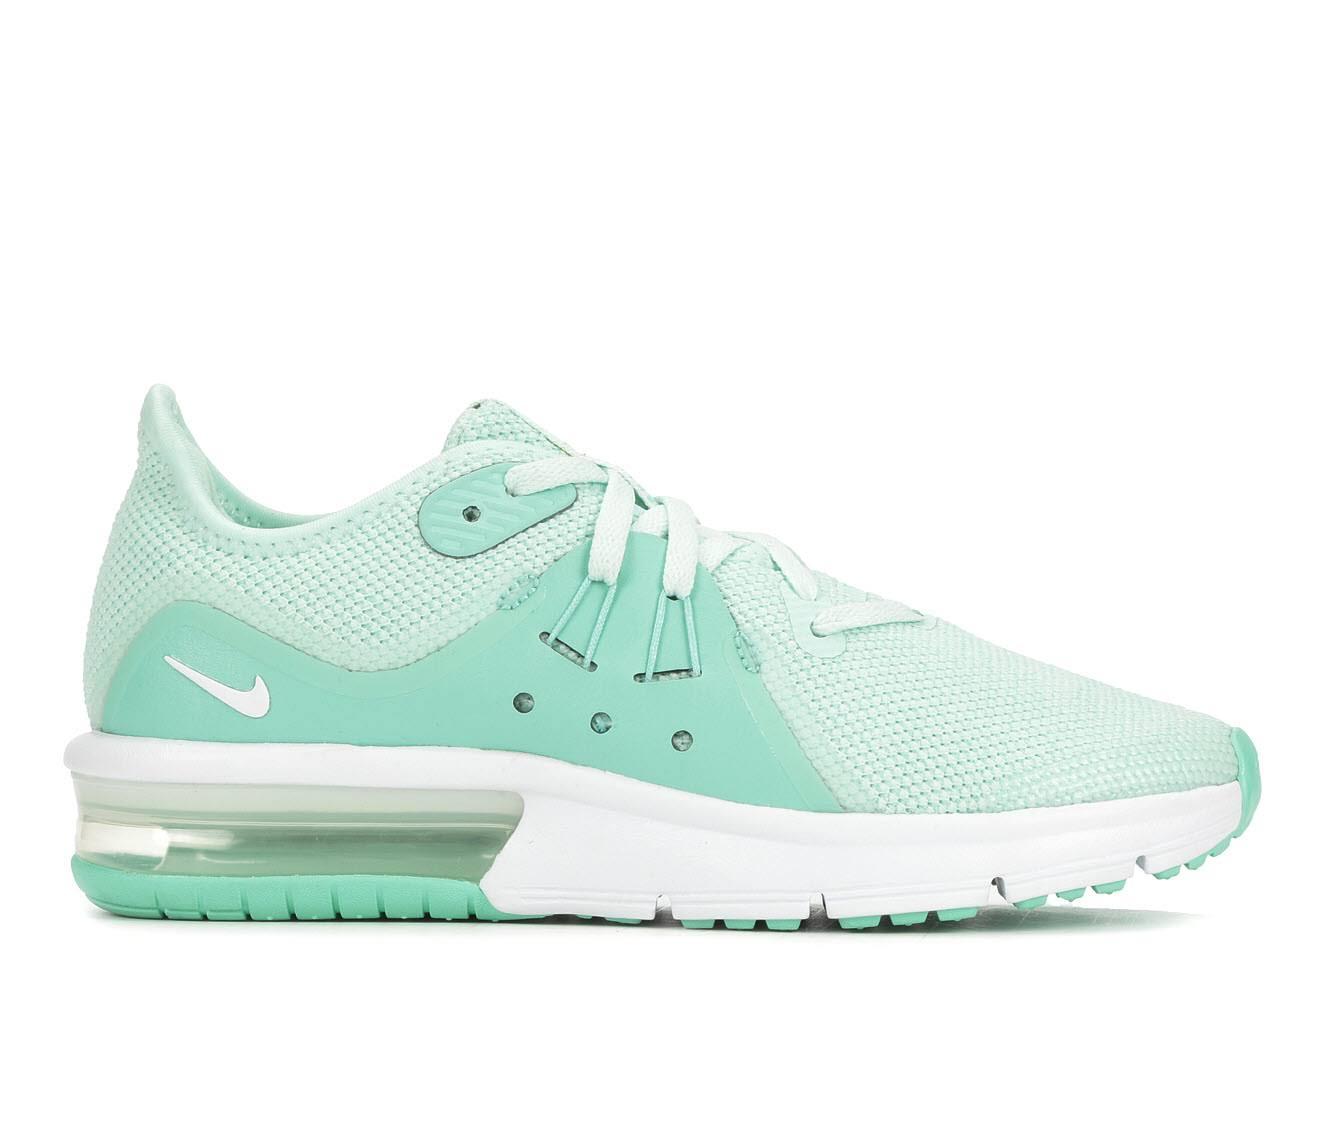 Zapatillas Cordones White Para De Igloo Nike 4 Niños Tamaño Deporte Verde Con 8qwrXt8